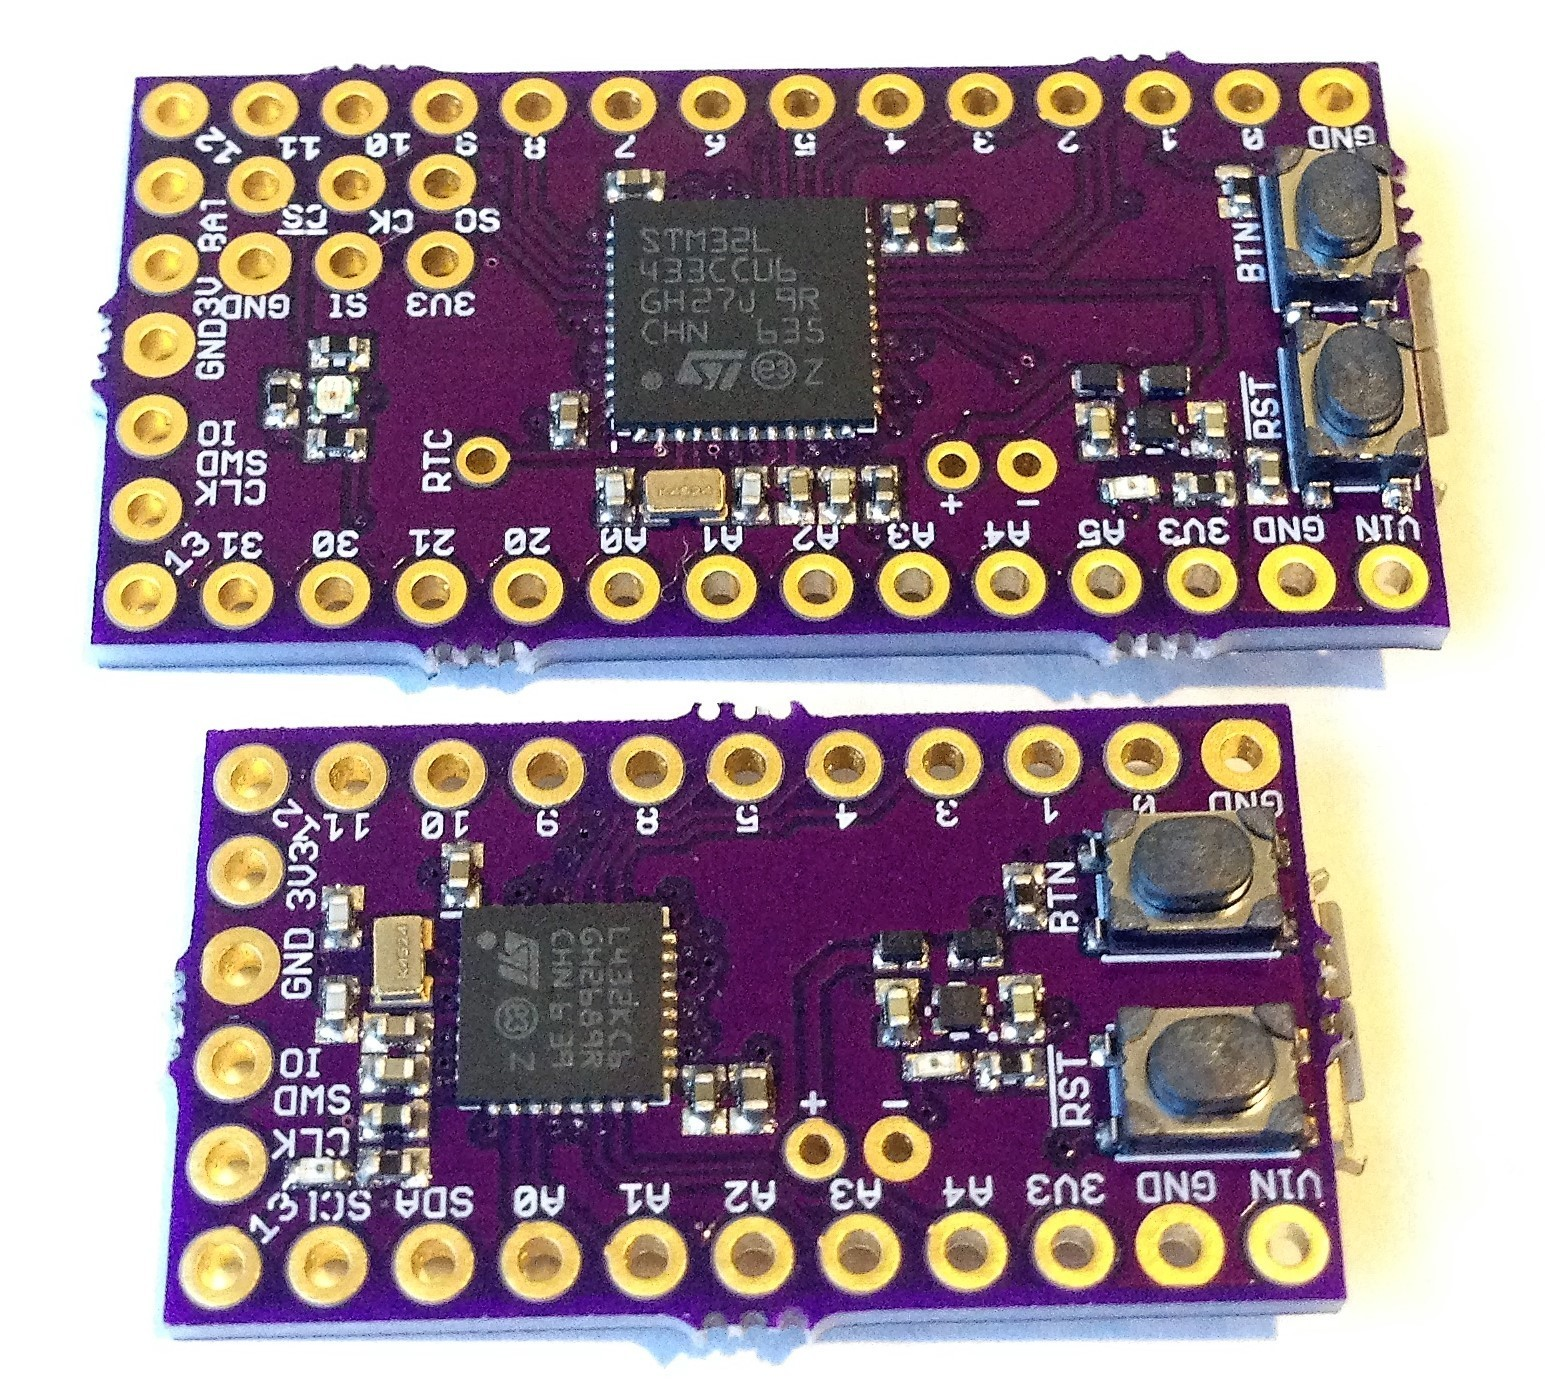 Butterfly & Ladybug, STM32L4-Based Development Boards